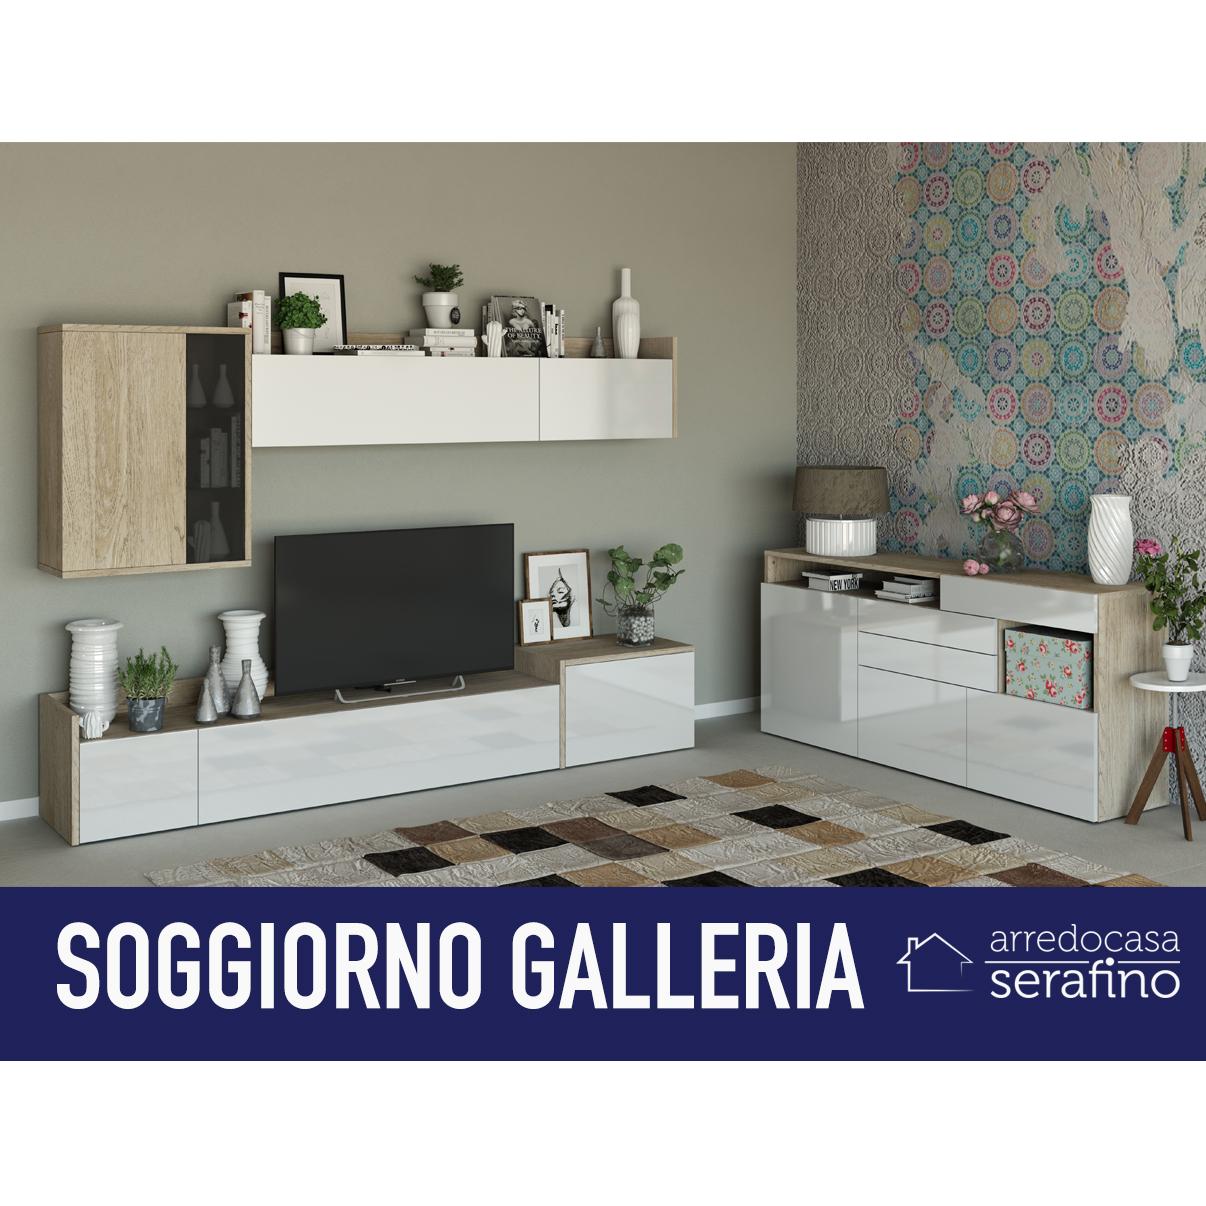 Awesome arredo casa serafino images for Fiusco arredi volantino